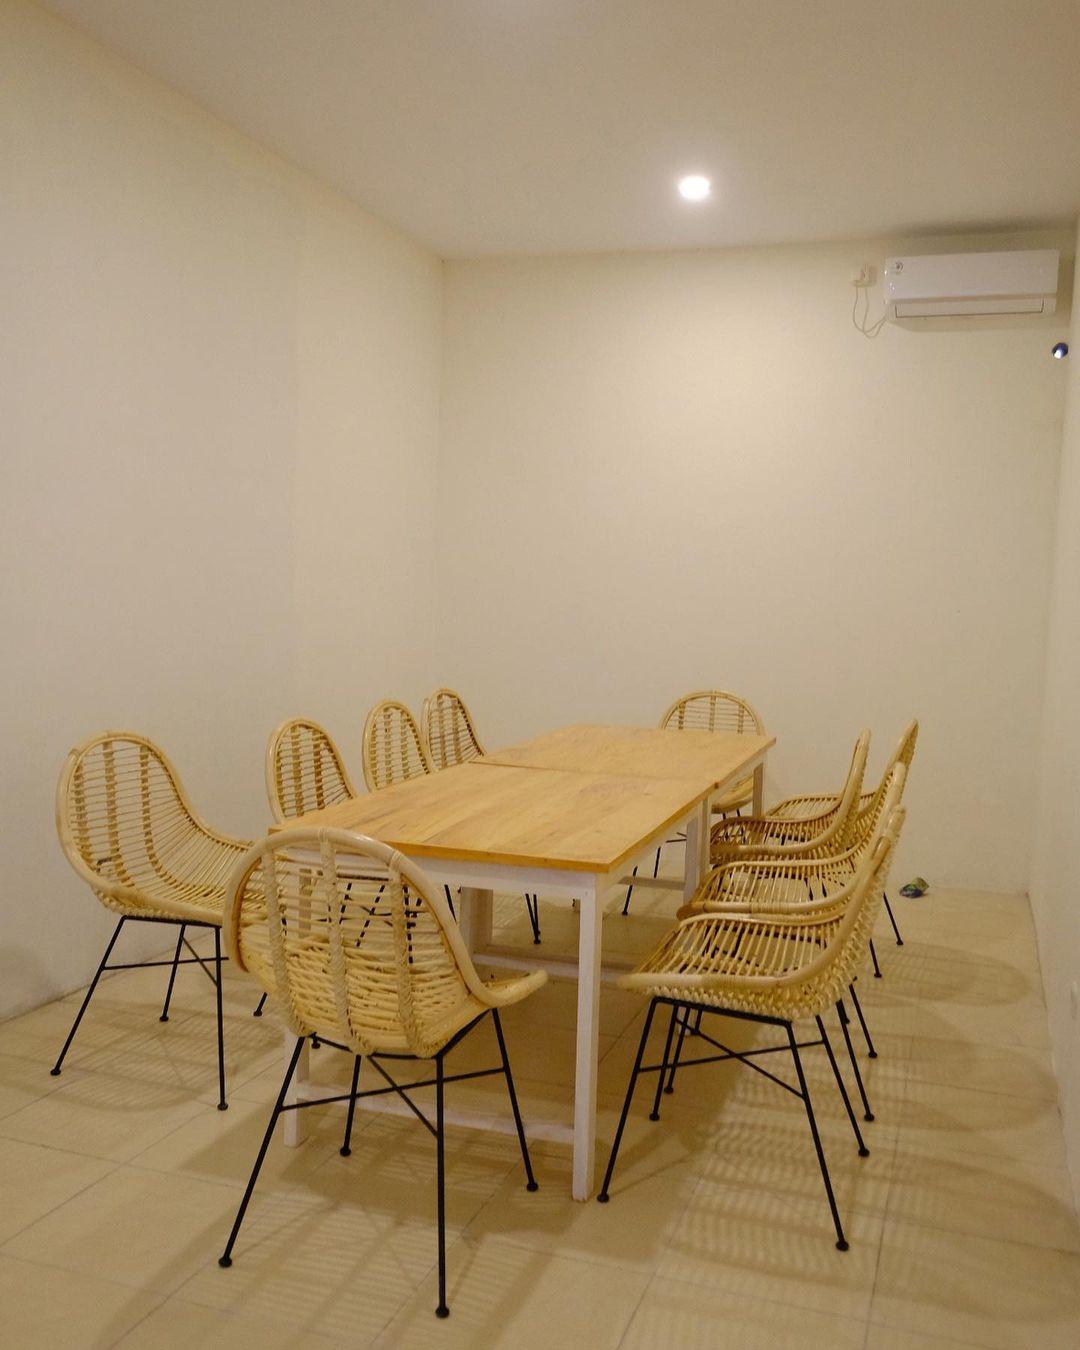 Area Meeting Di Cafe Nilu Kopi Jogja Image From @jogja24jam